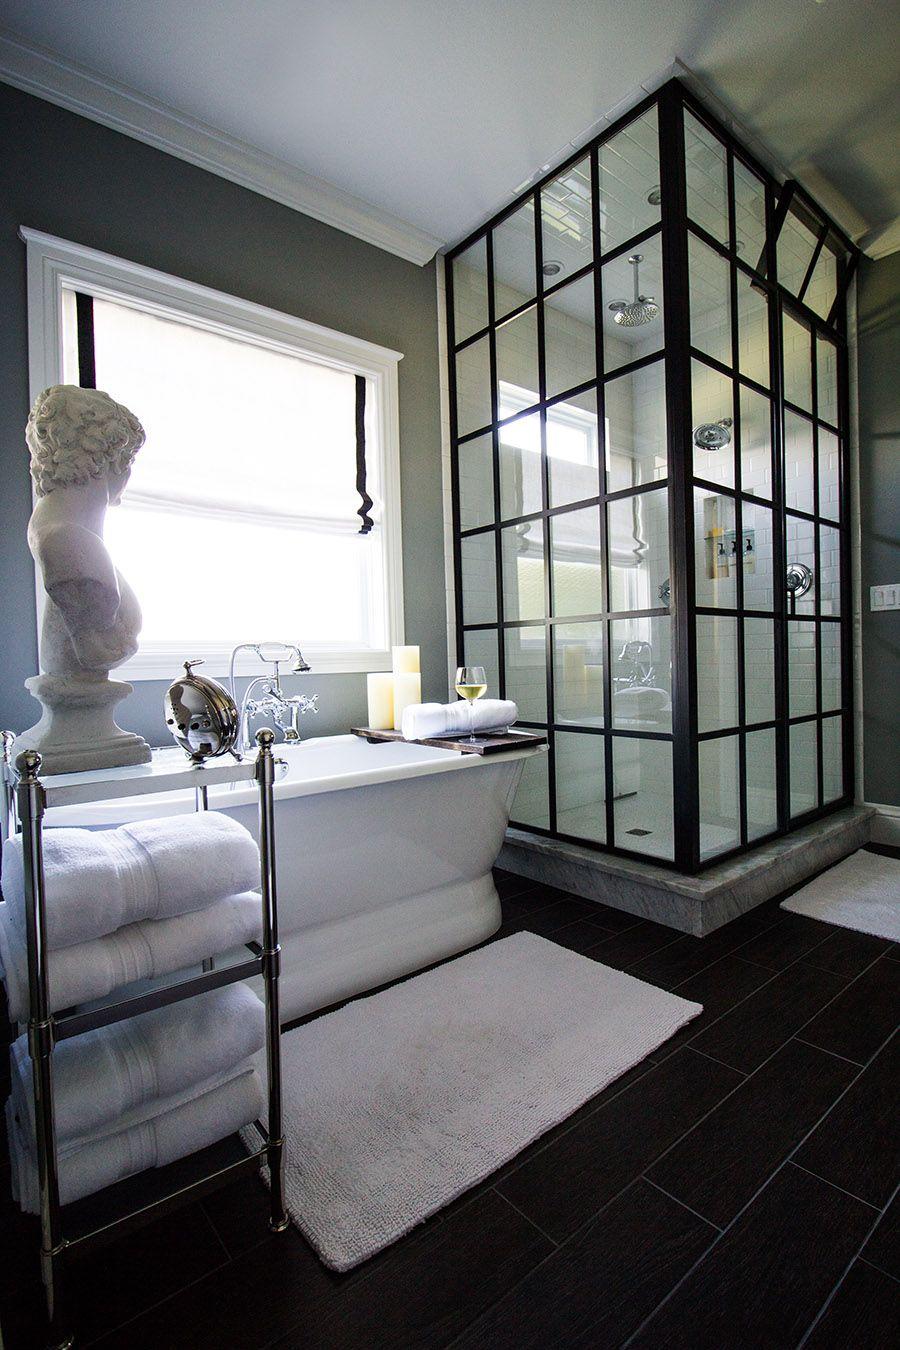 Haus außentor design imguse  baños  pinterest  baños baño y nuevas ideas